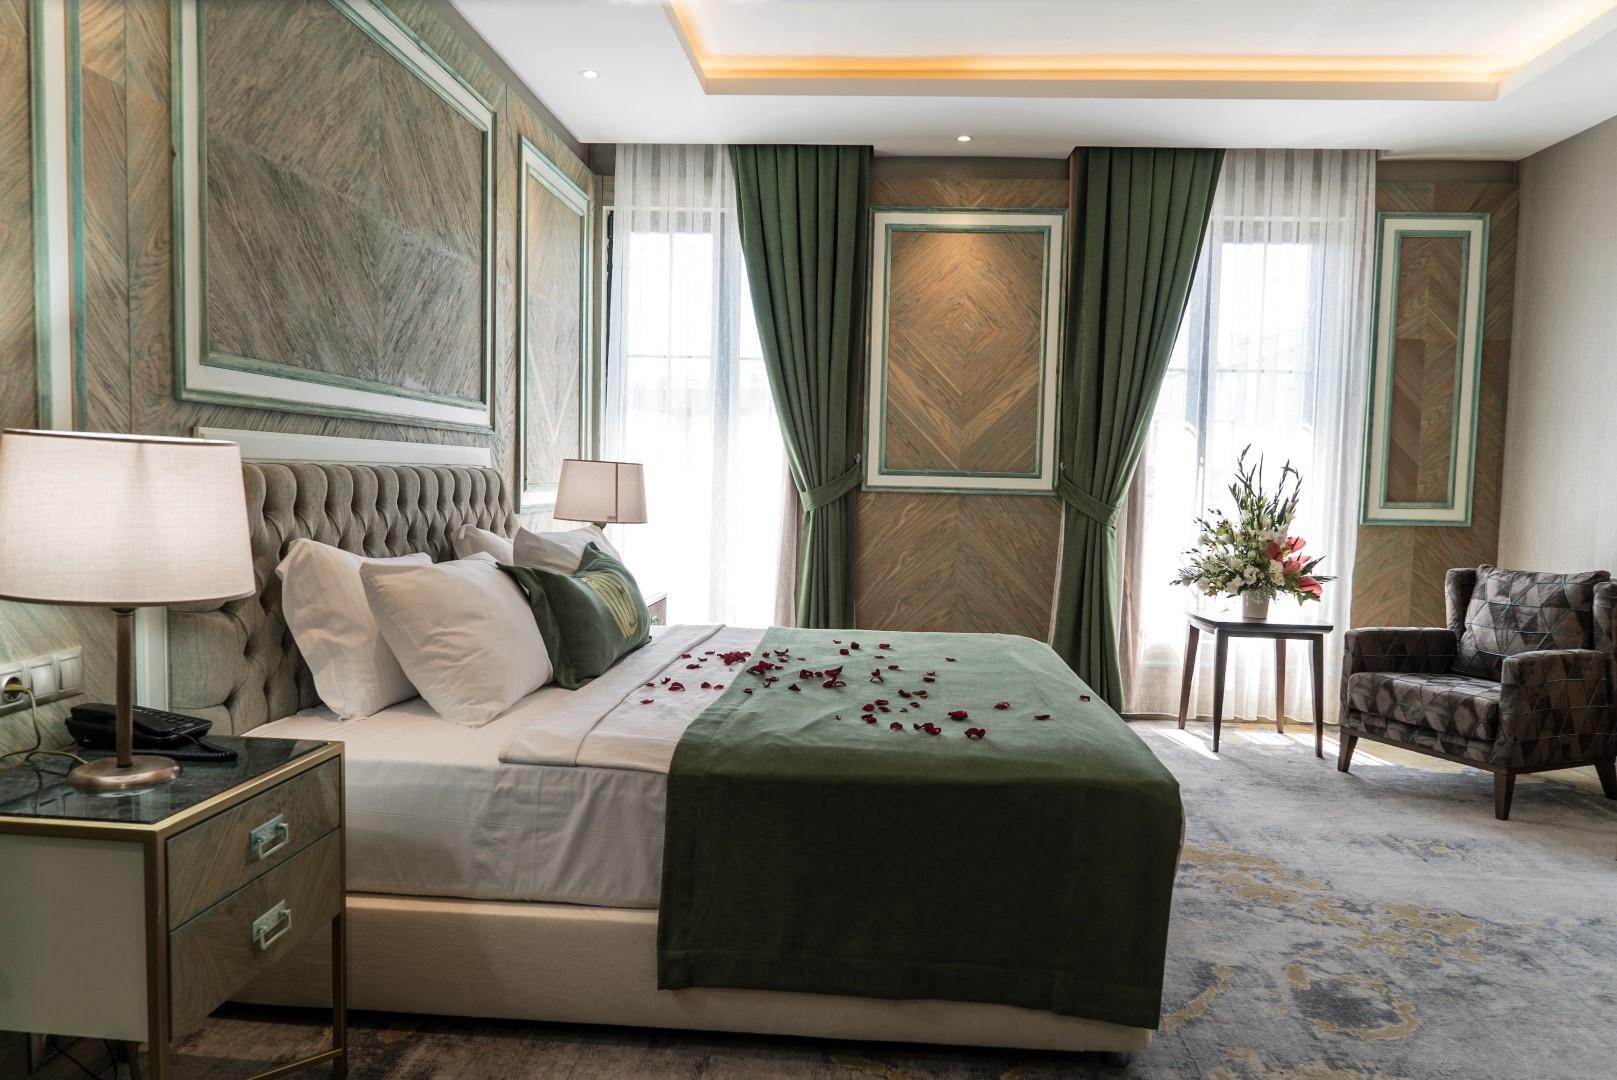 Mirart Hotel - deluxe oda deluxe room 20